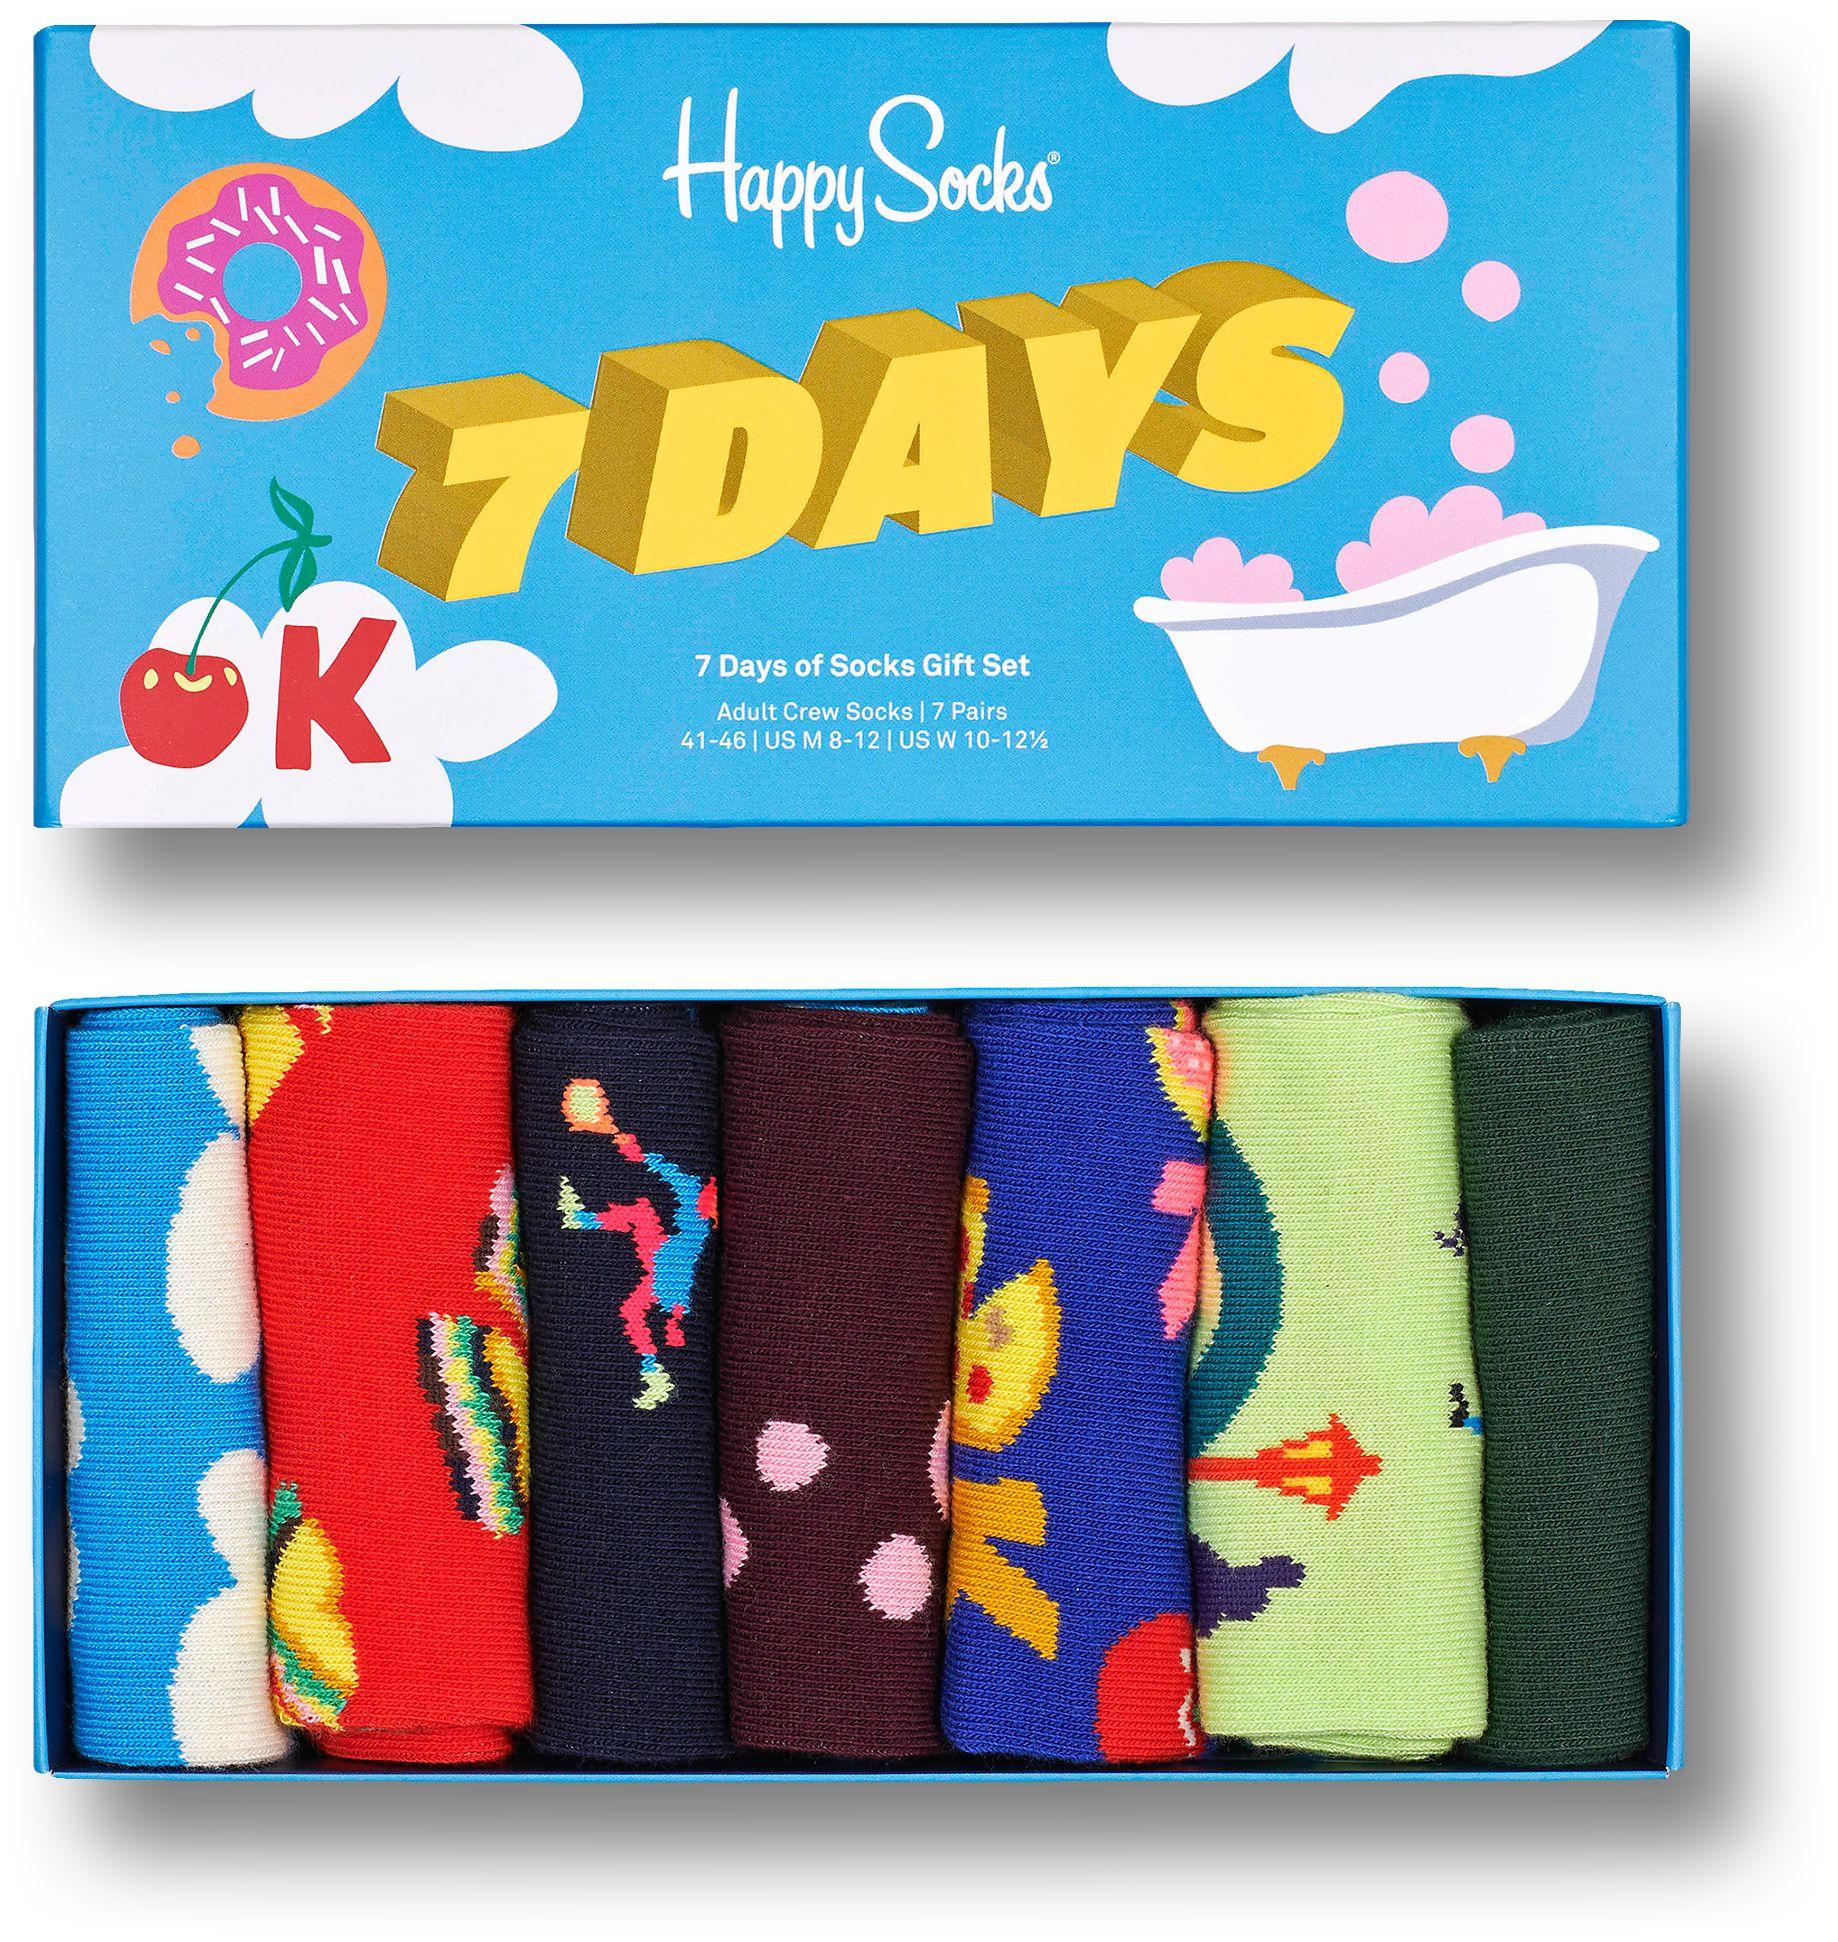 Happy Socks 7-Pack 7 Days Gift Set Multi 0200 41-46